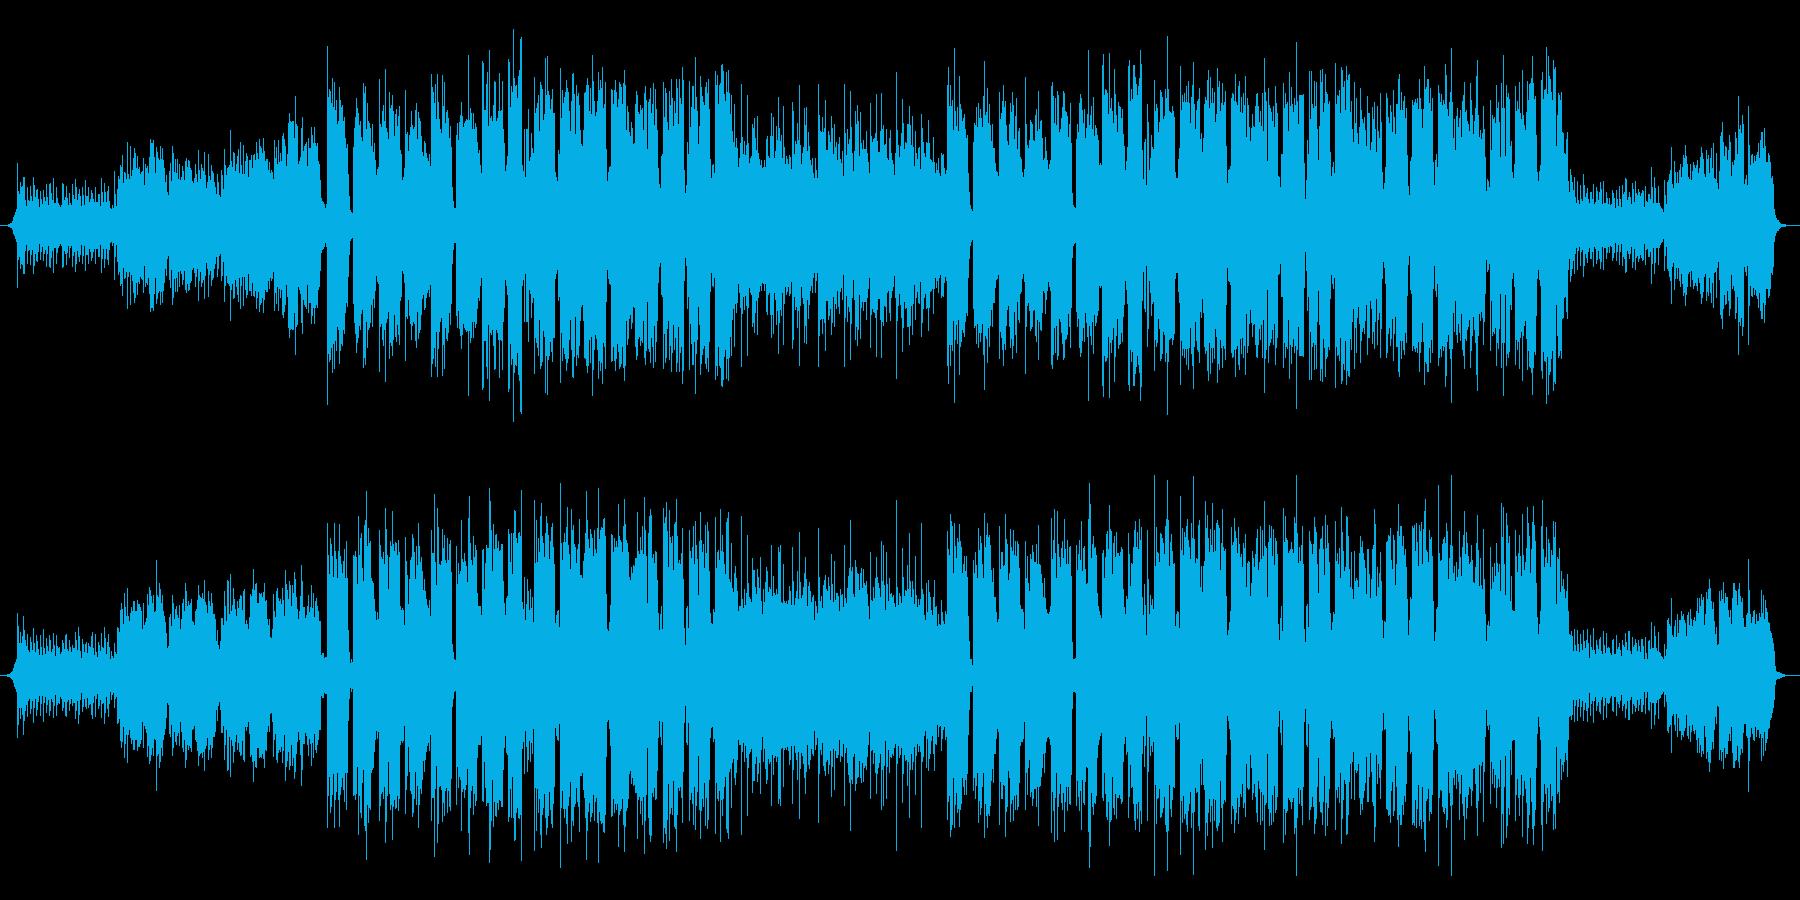 生篠笛によるエレクトロ!和風・壮大・情緒の再生済みの波形